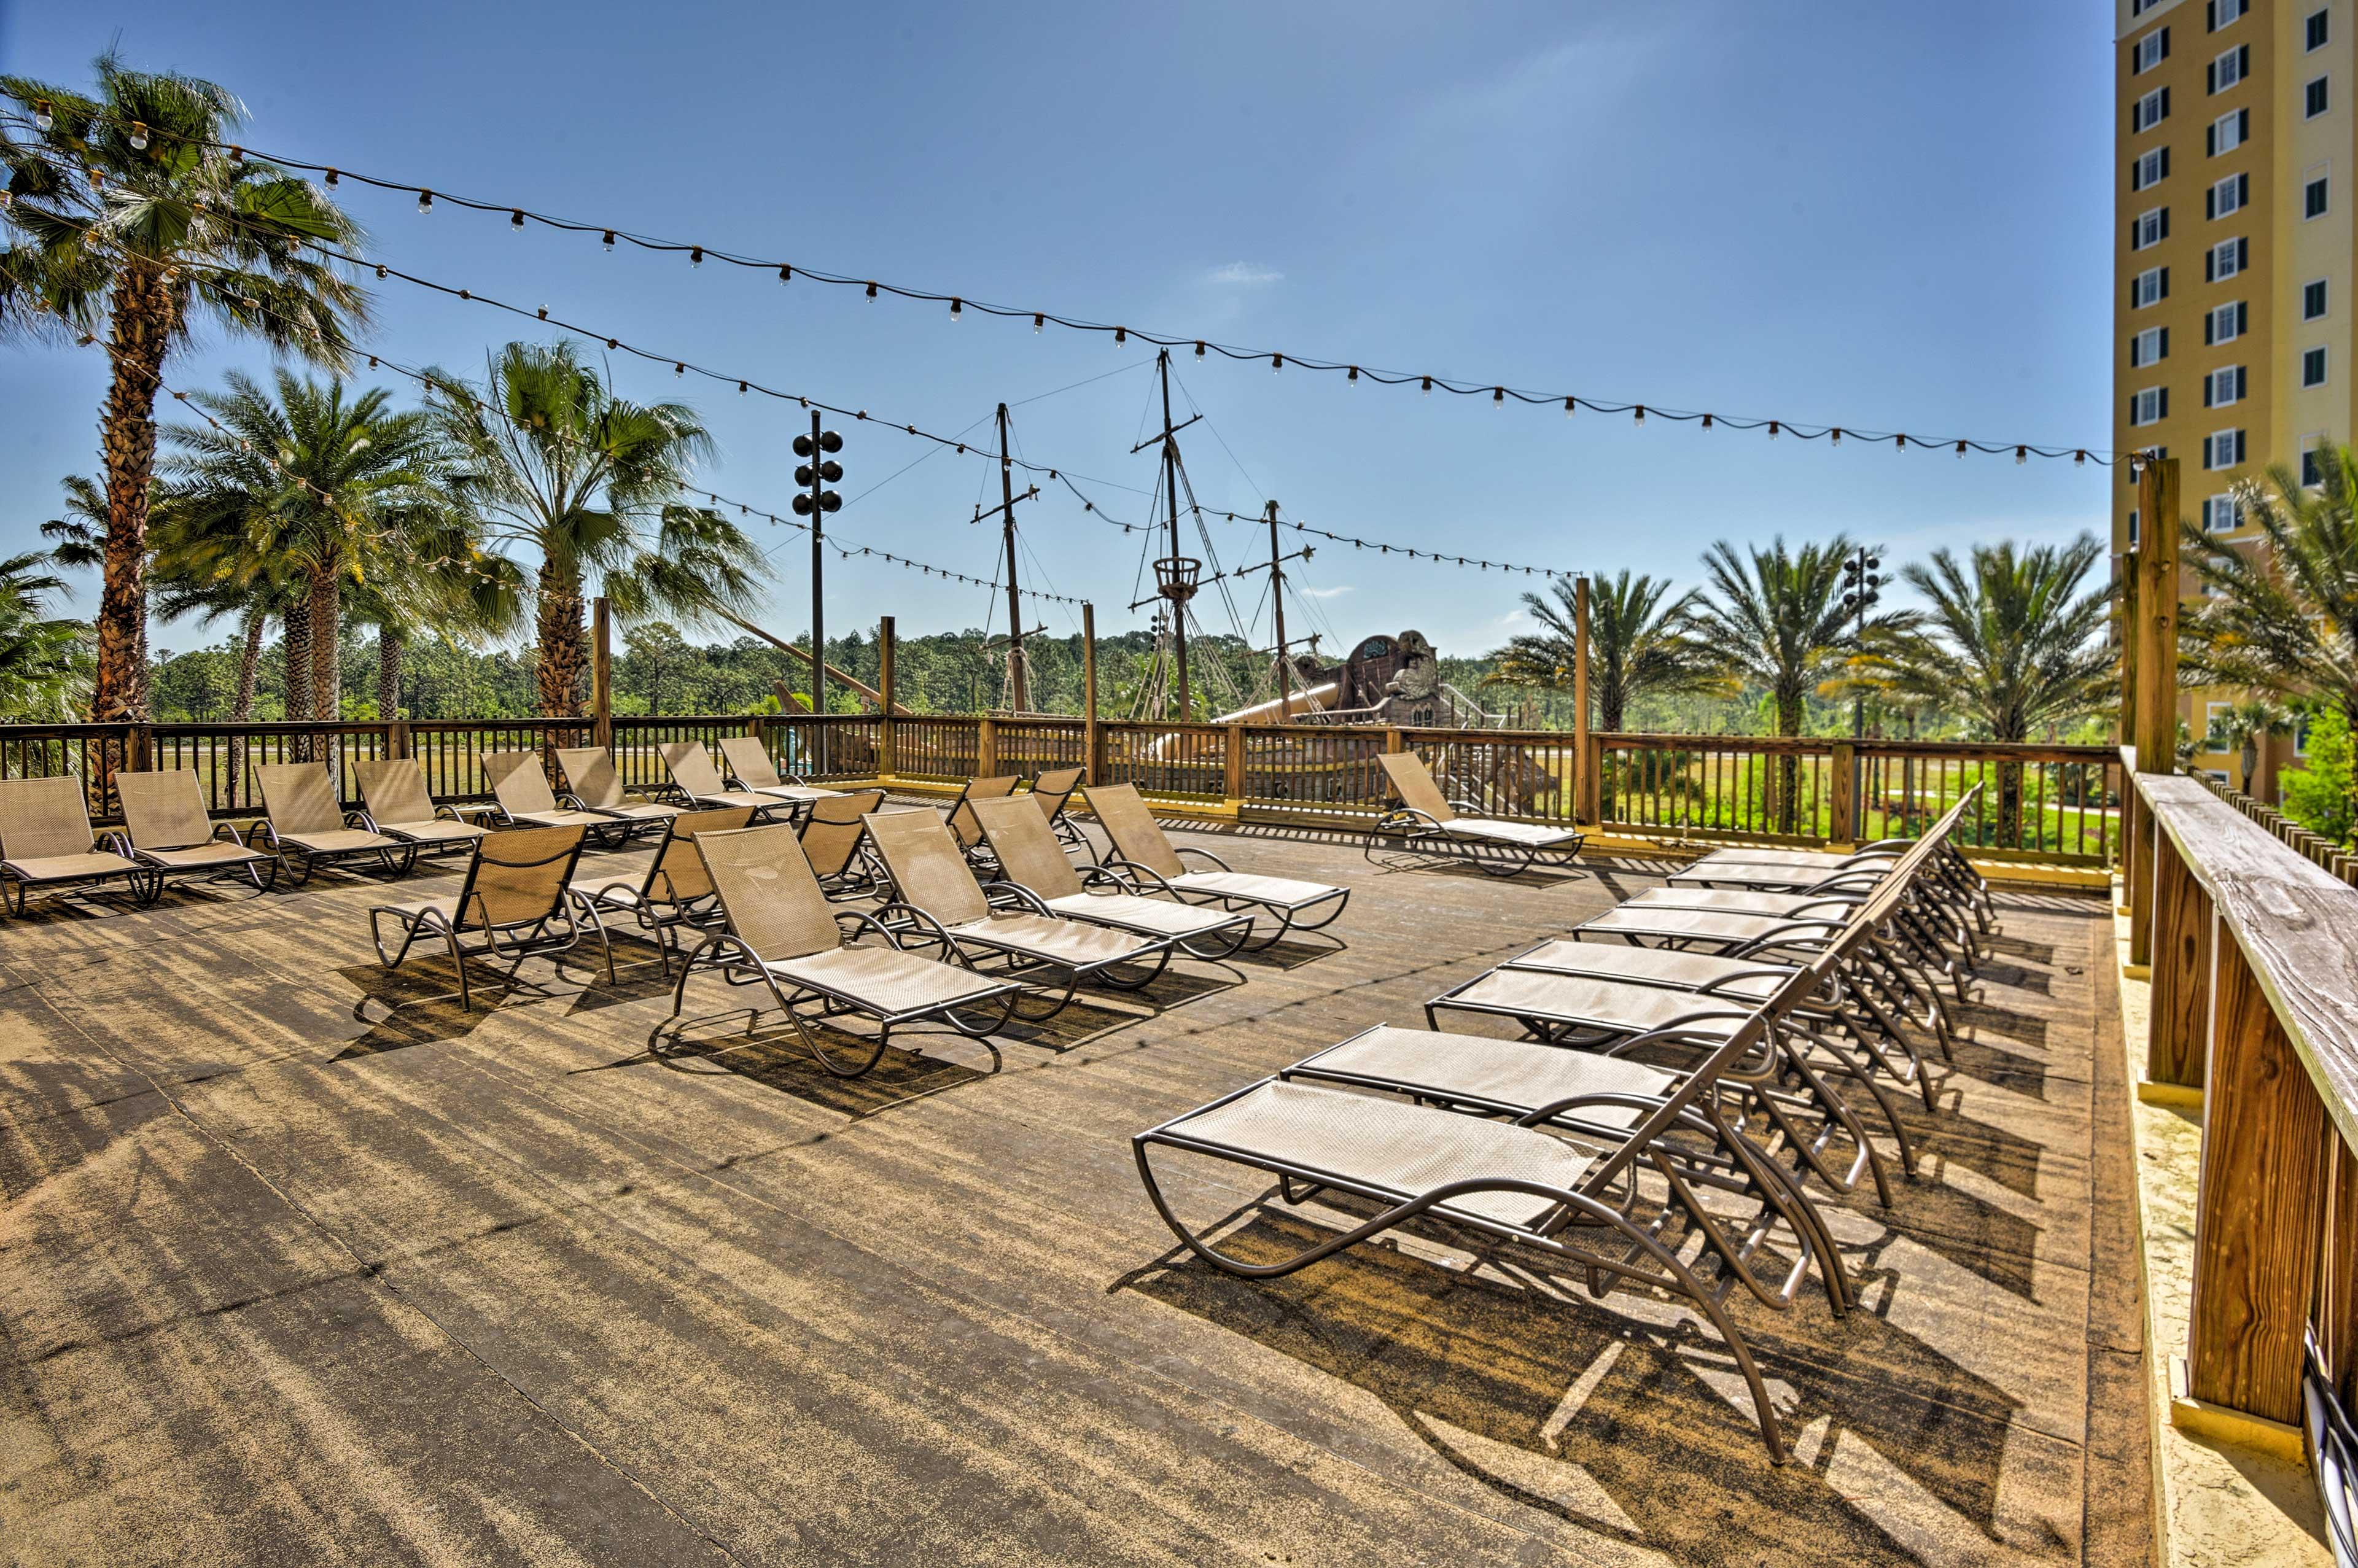 Sunbathe under the radiant Florida sunshine!